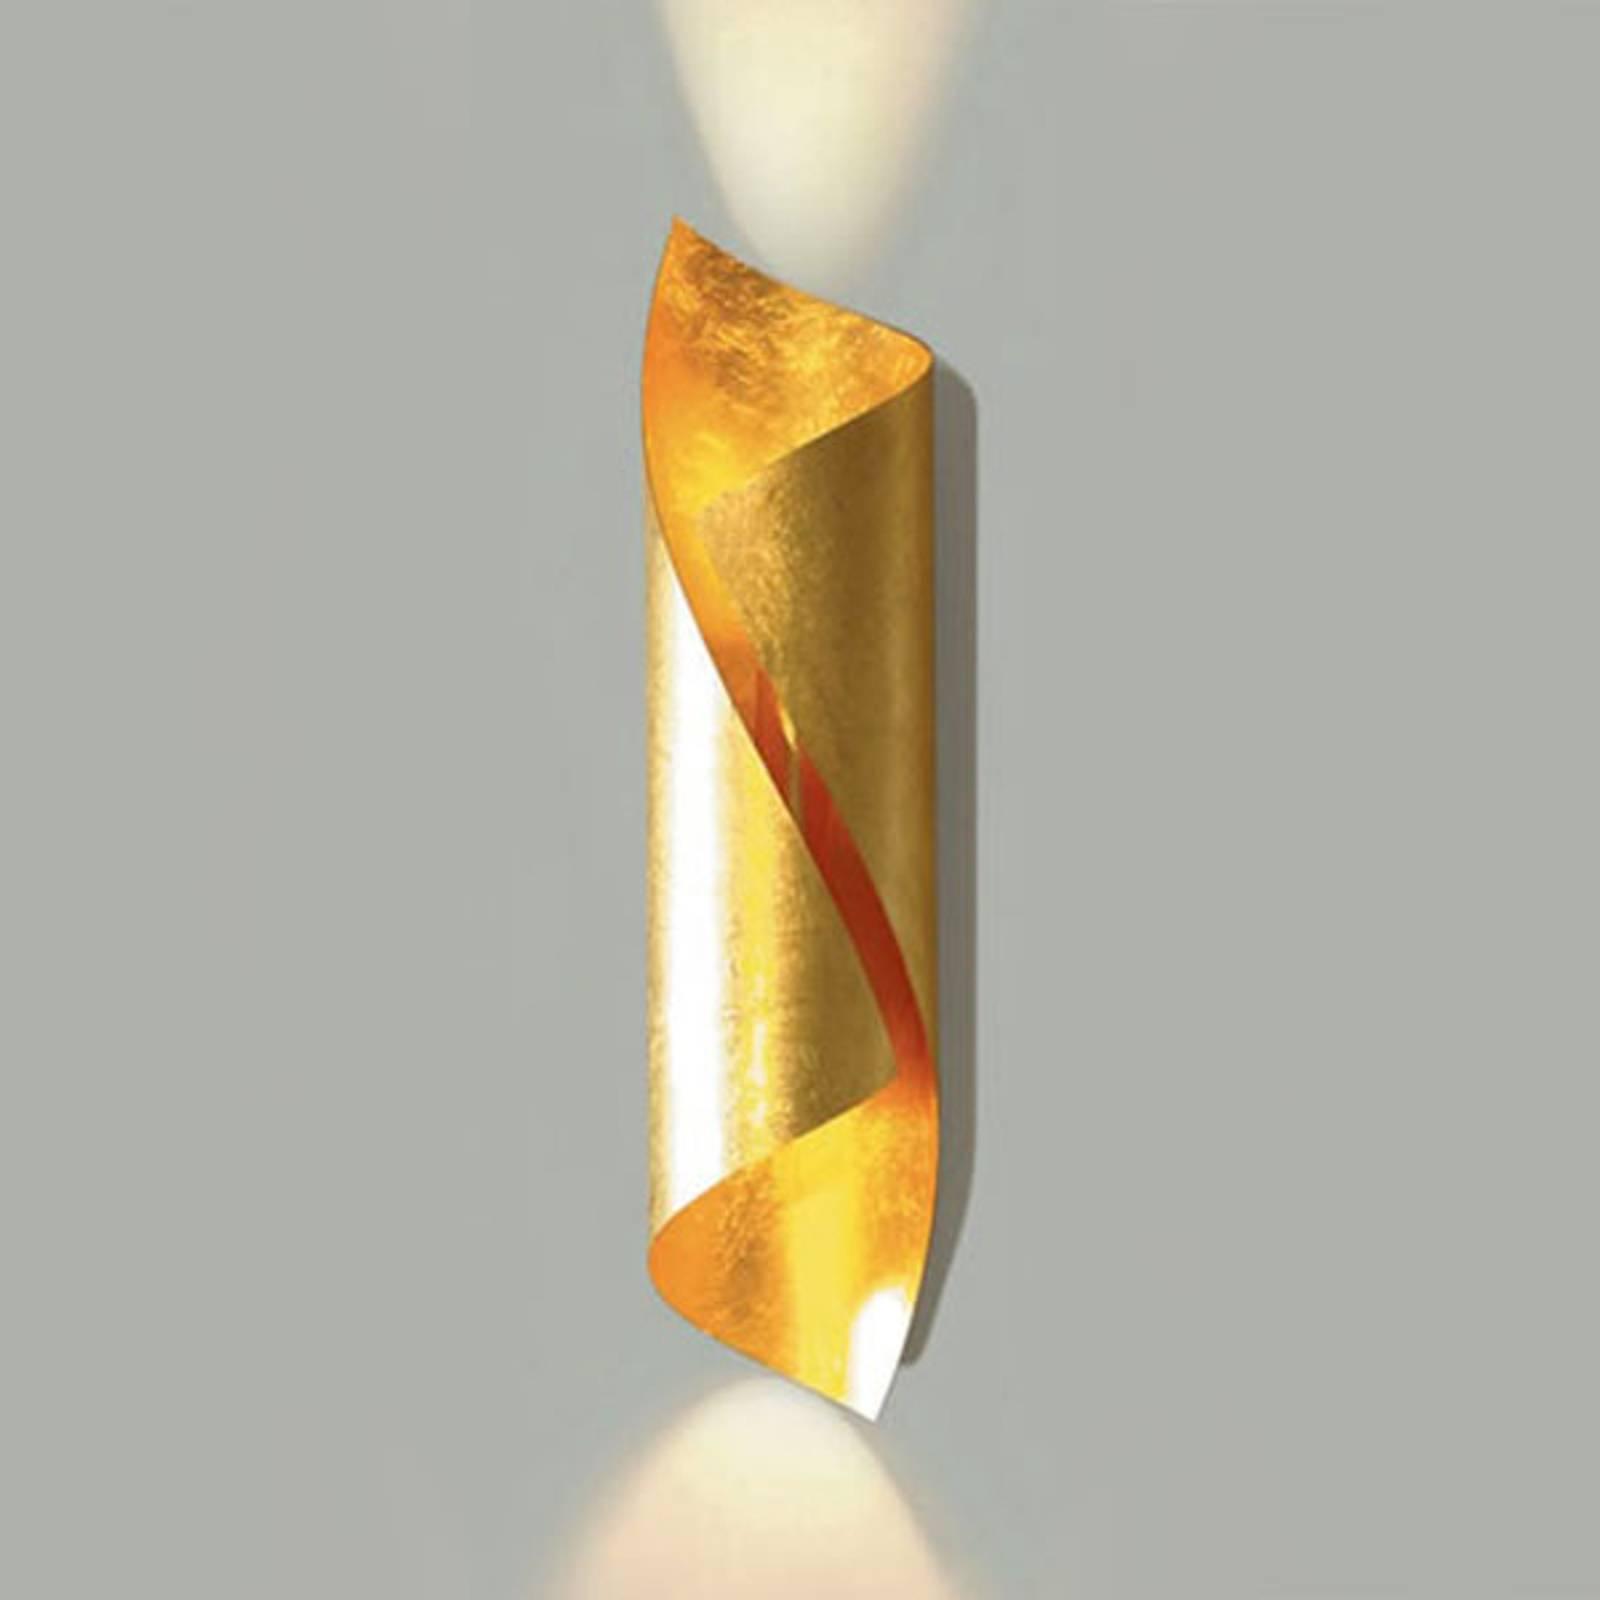 Knikerboker Hué LED wandlamp hoogte 54 cm bladgoud